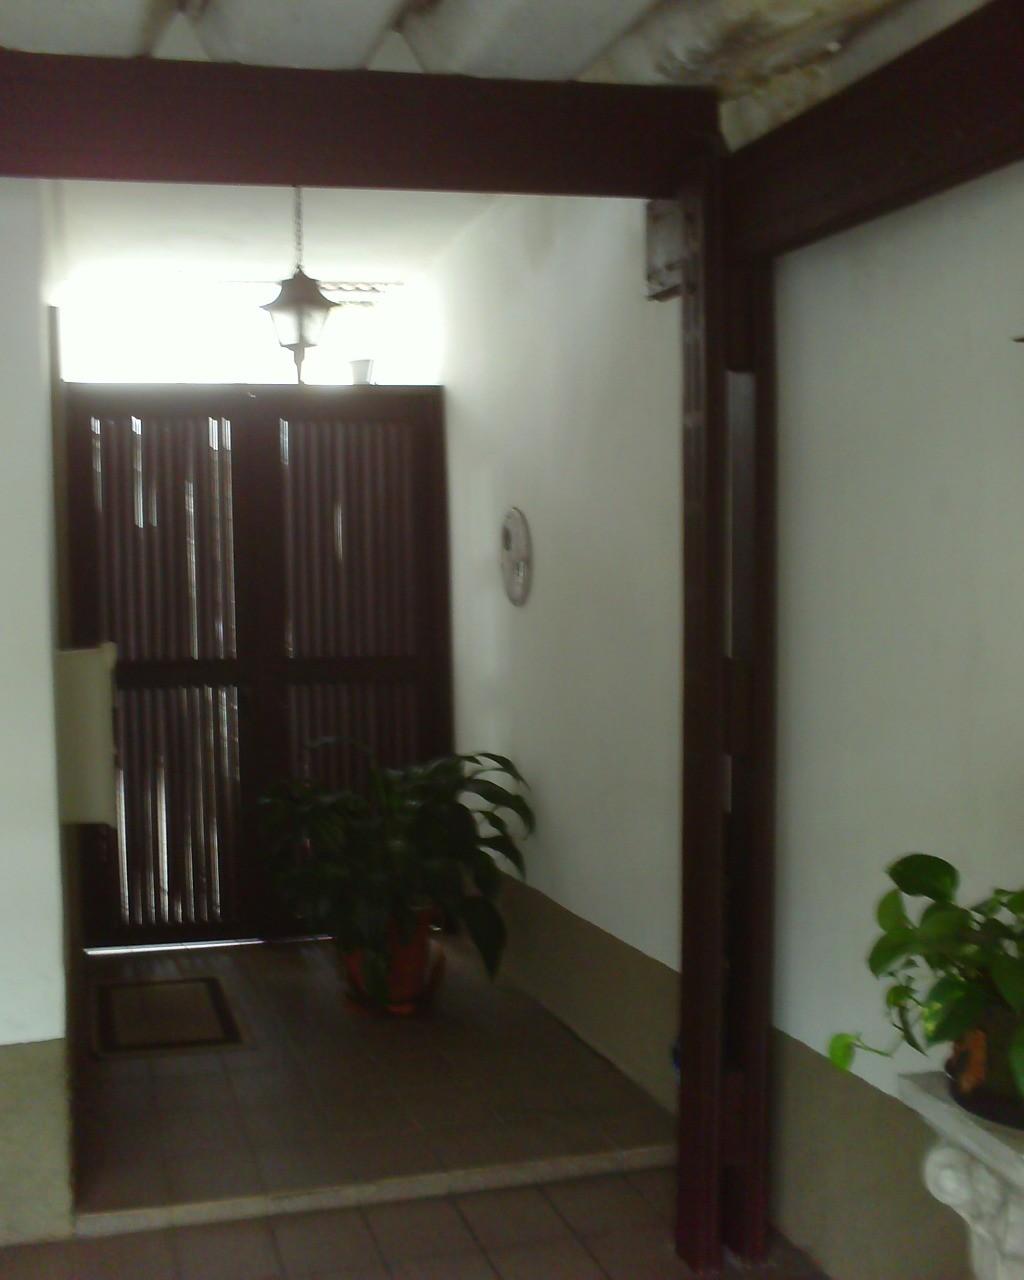 comprar ou alugar casa no bairro vila lisboa na cidade de sao paulo-sp